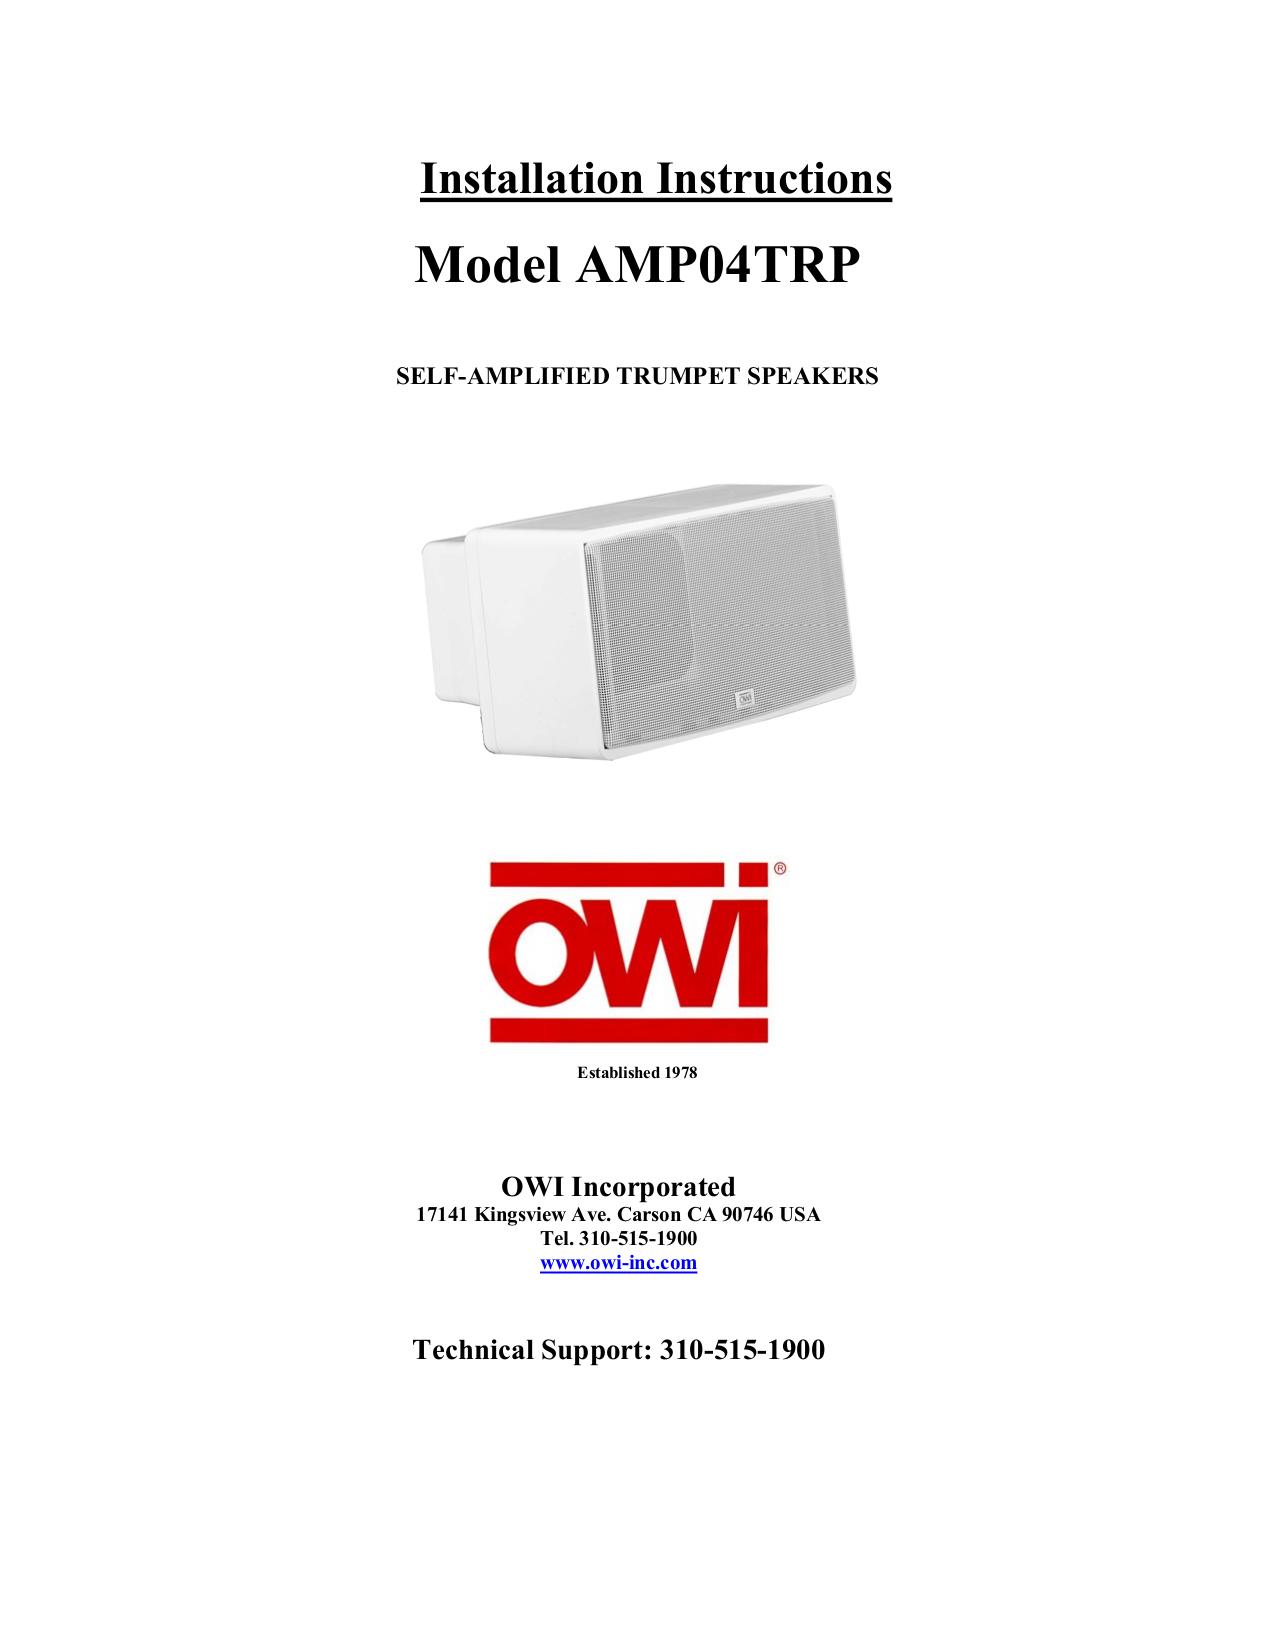 pdf for Owi Speaker TRP04 manual